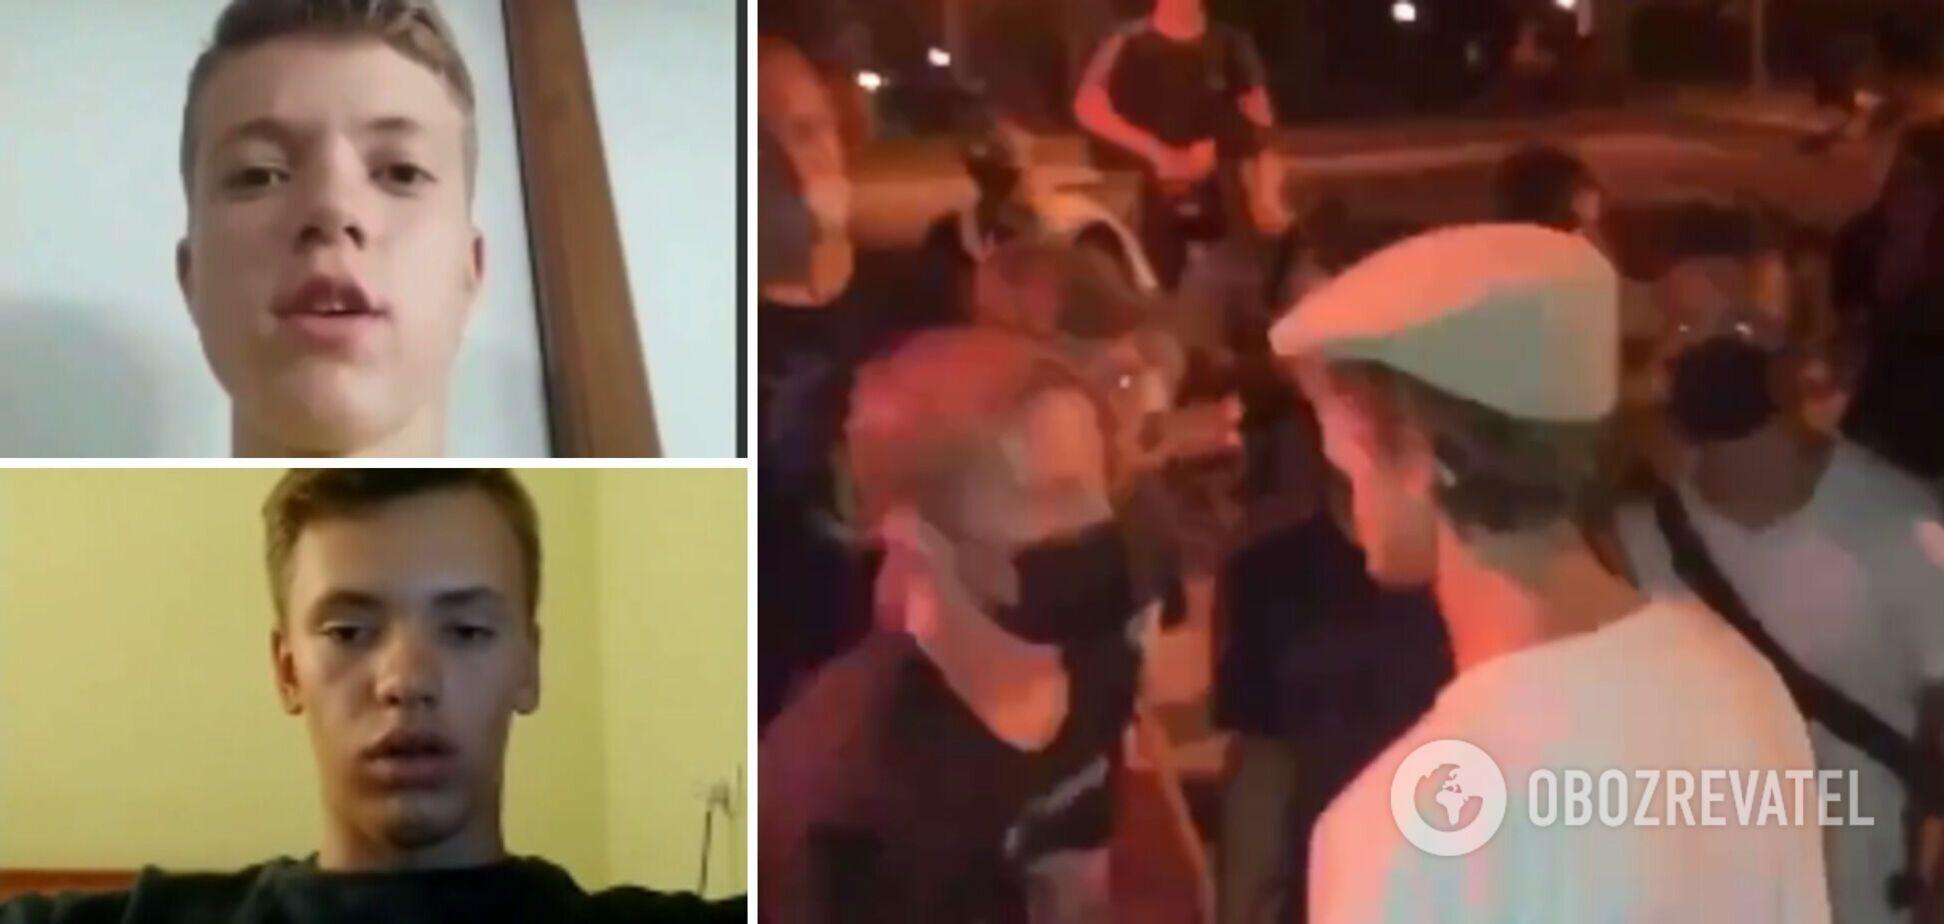 У Вінниці натовп підлітків побив хлопця через зачіску, затримані винуватці записали вибачення. Відео